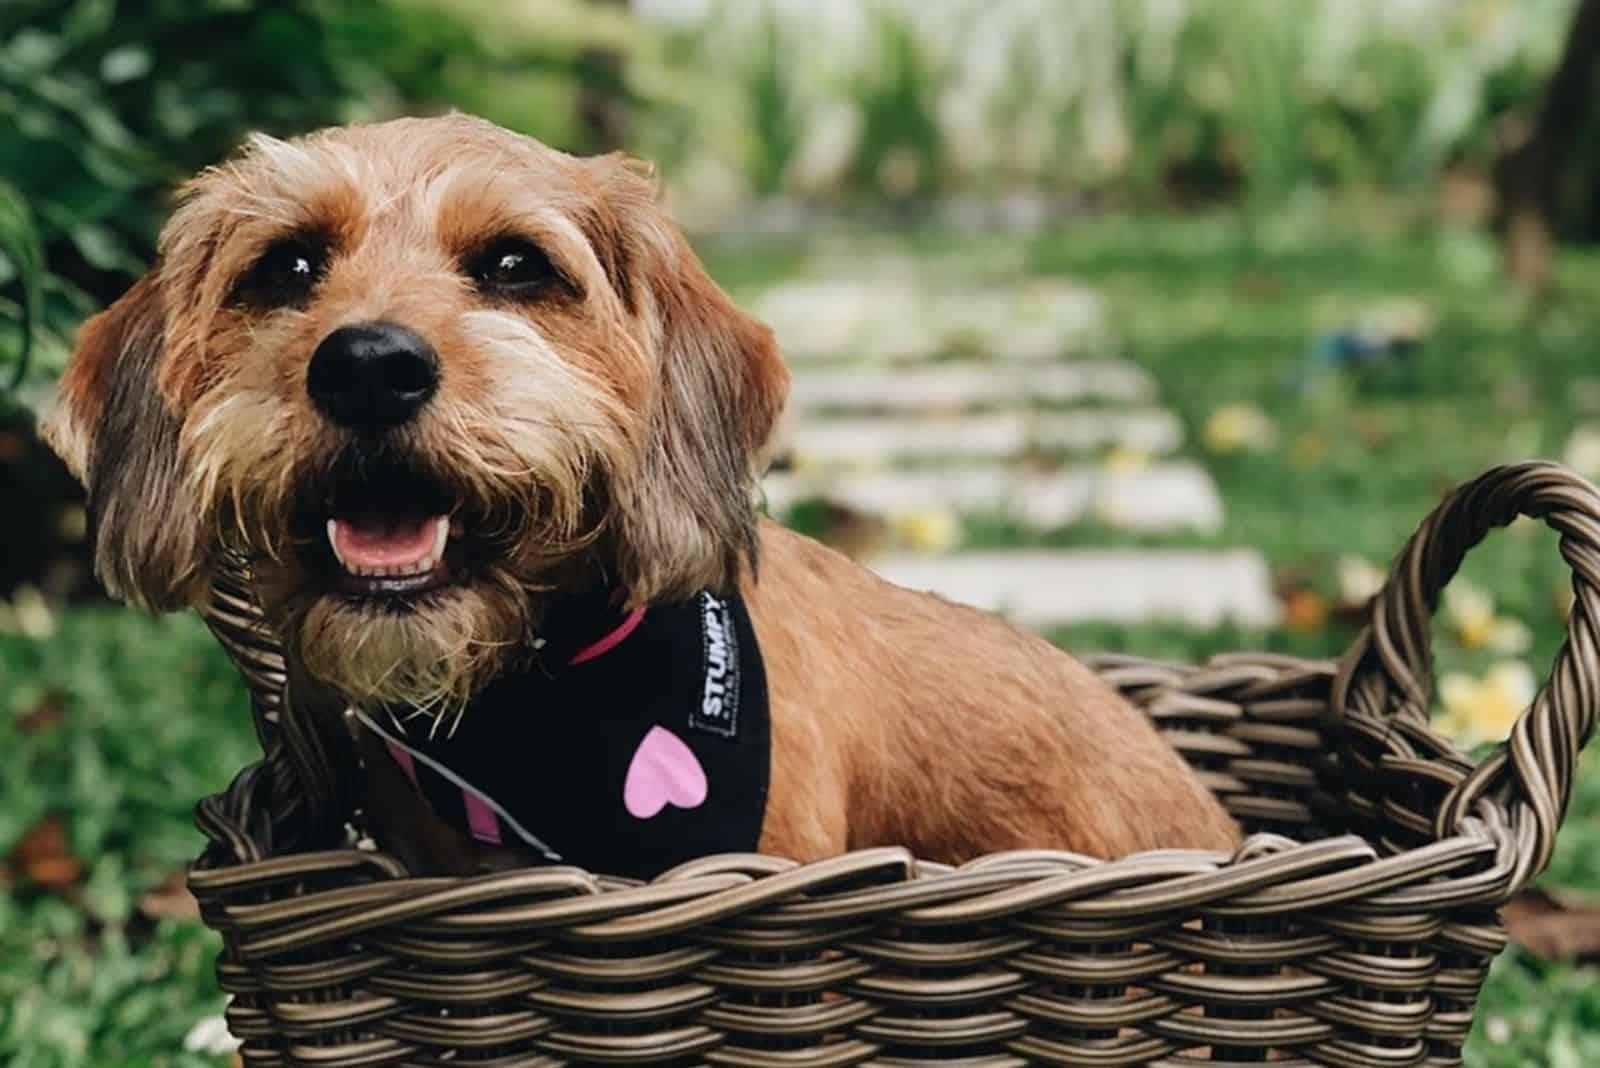 beagle poodle mix puppy